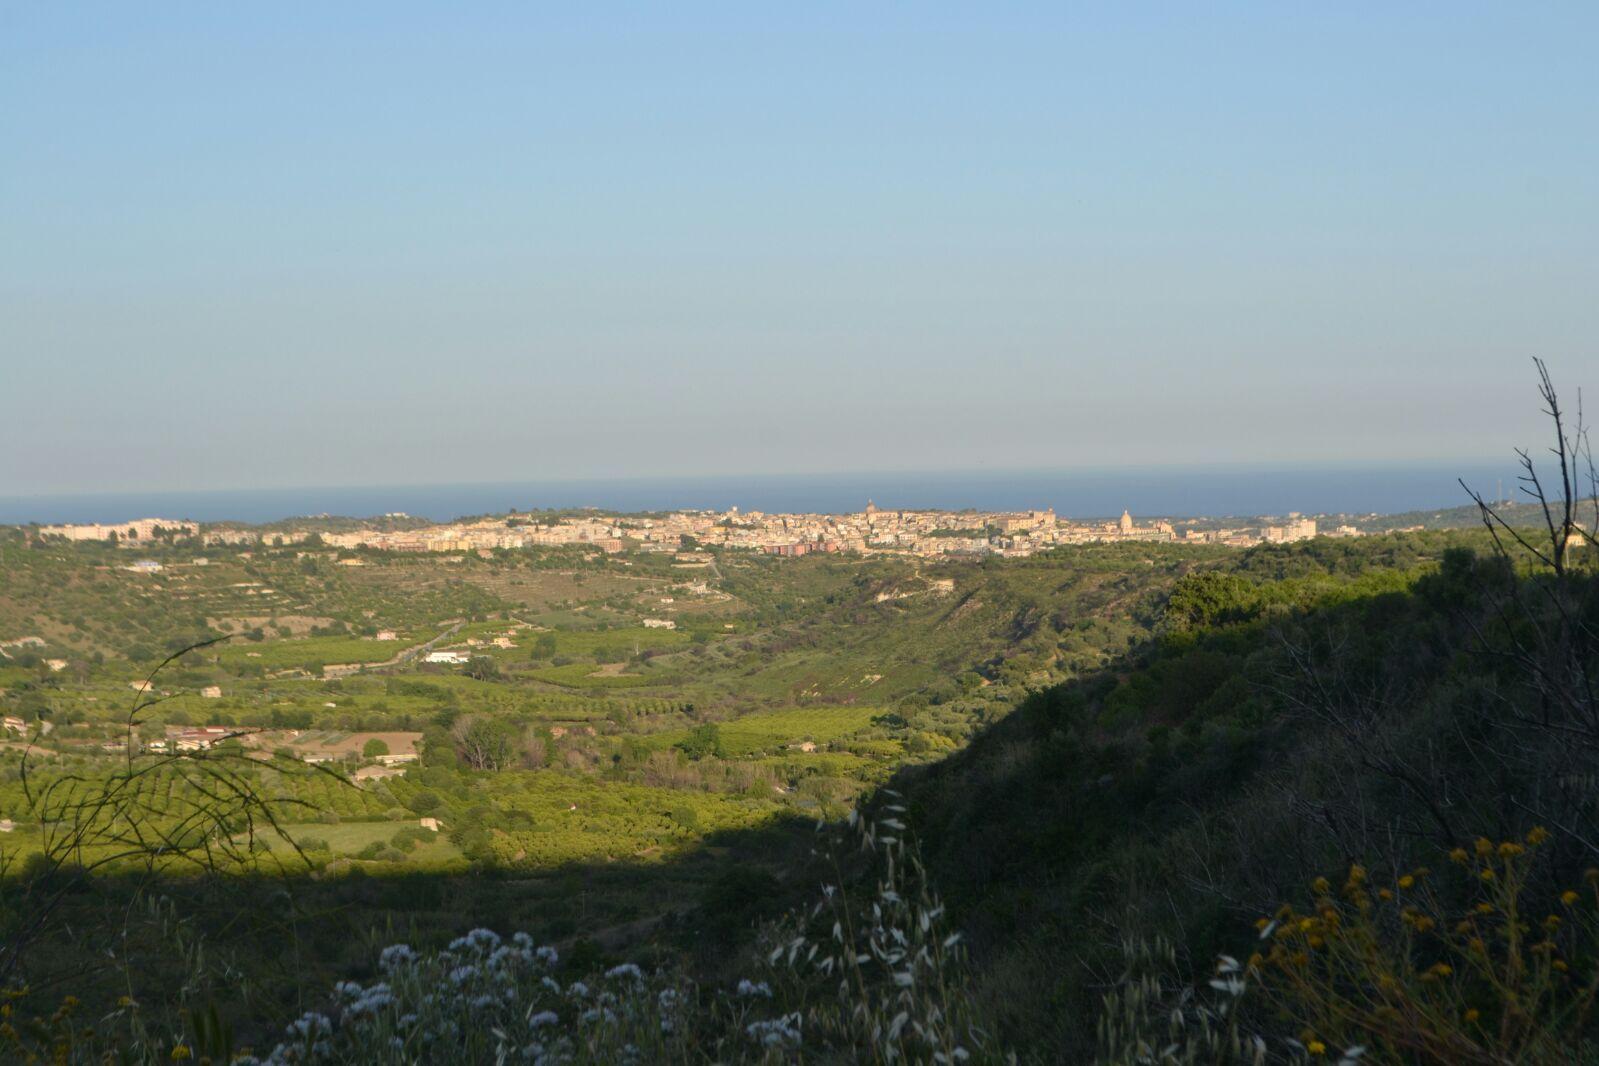 Terreno panoramico di 11 ettari circa con caseggiato abitabile di 250 mq  ...